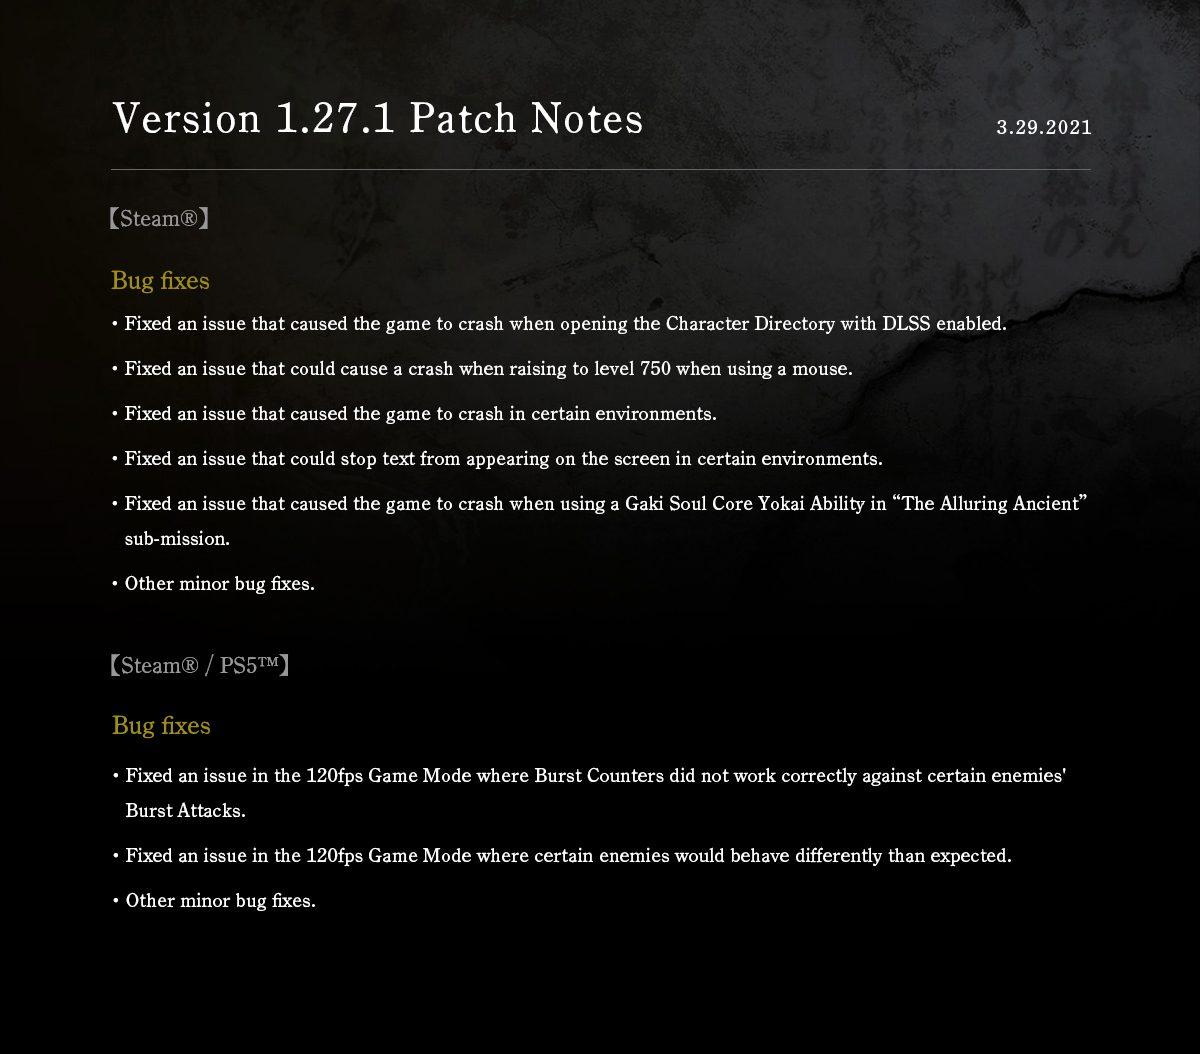 Nioh 2 recibe la actualización 1.27.1 para corregir fallos importantes - Team NINJA ha anunciado que la actualización 1.27.1 para Nioh 2 ya está disponible para descargarse.